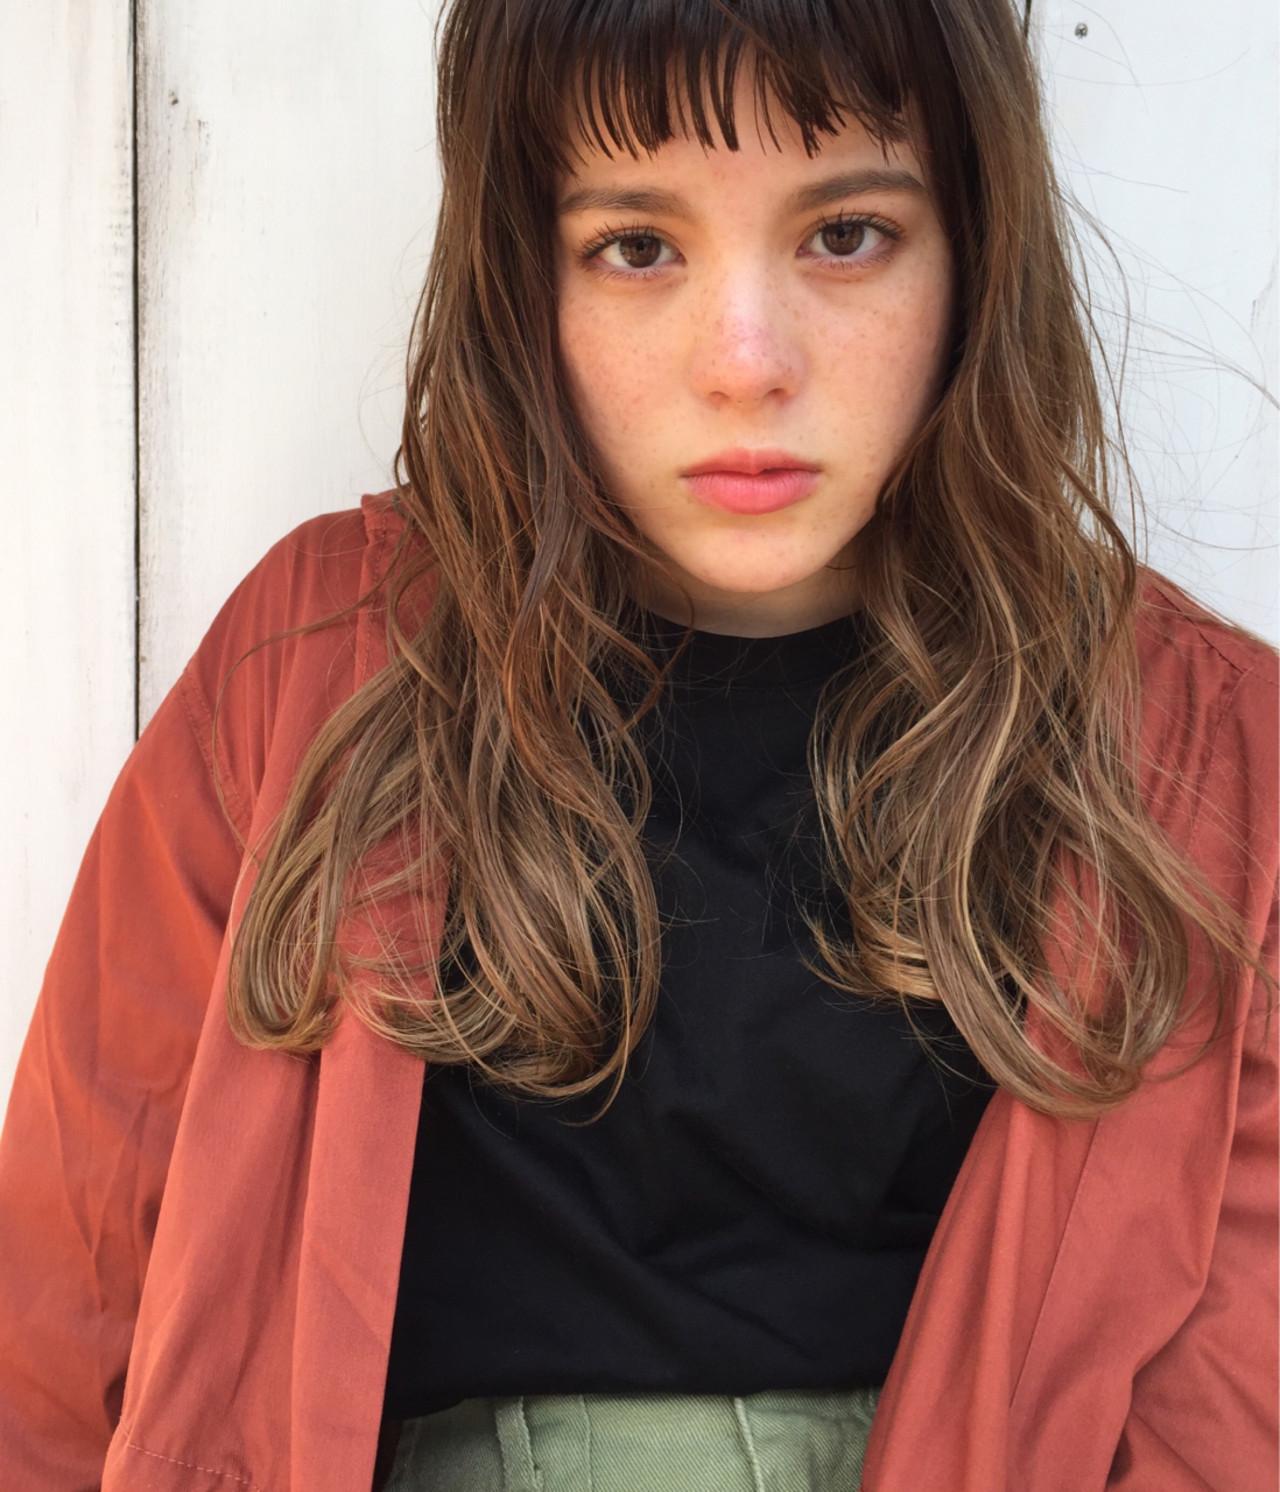 ショートバング セミロング ガーリー ハイトーン ヘアスタイルや髪型の写真・画像